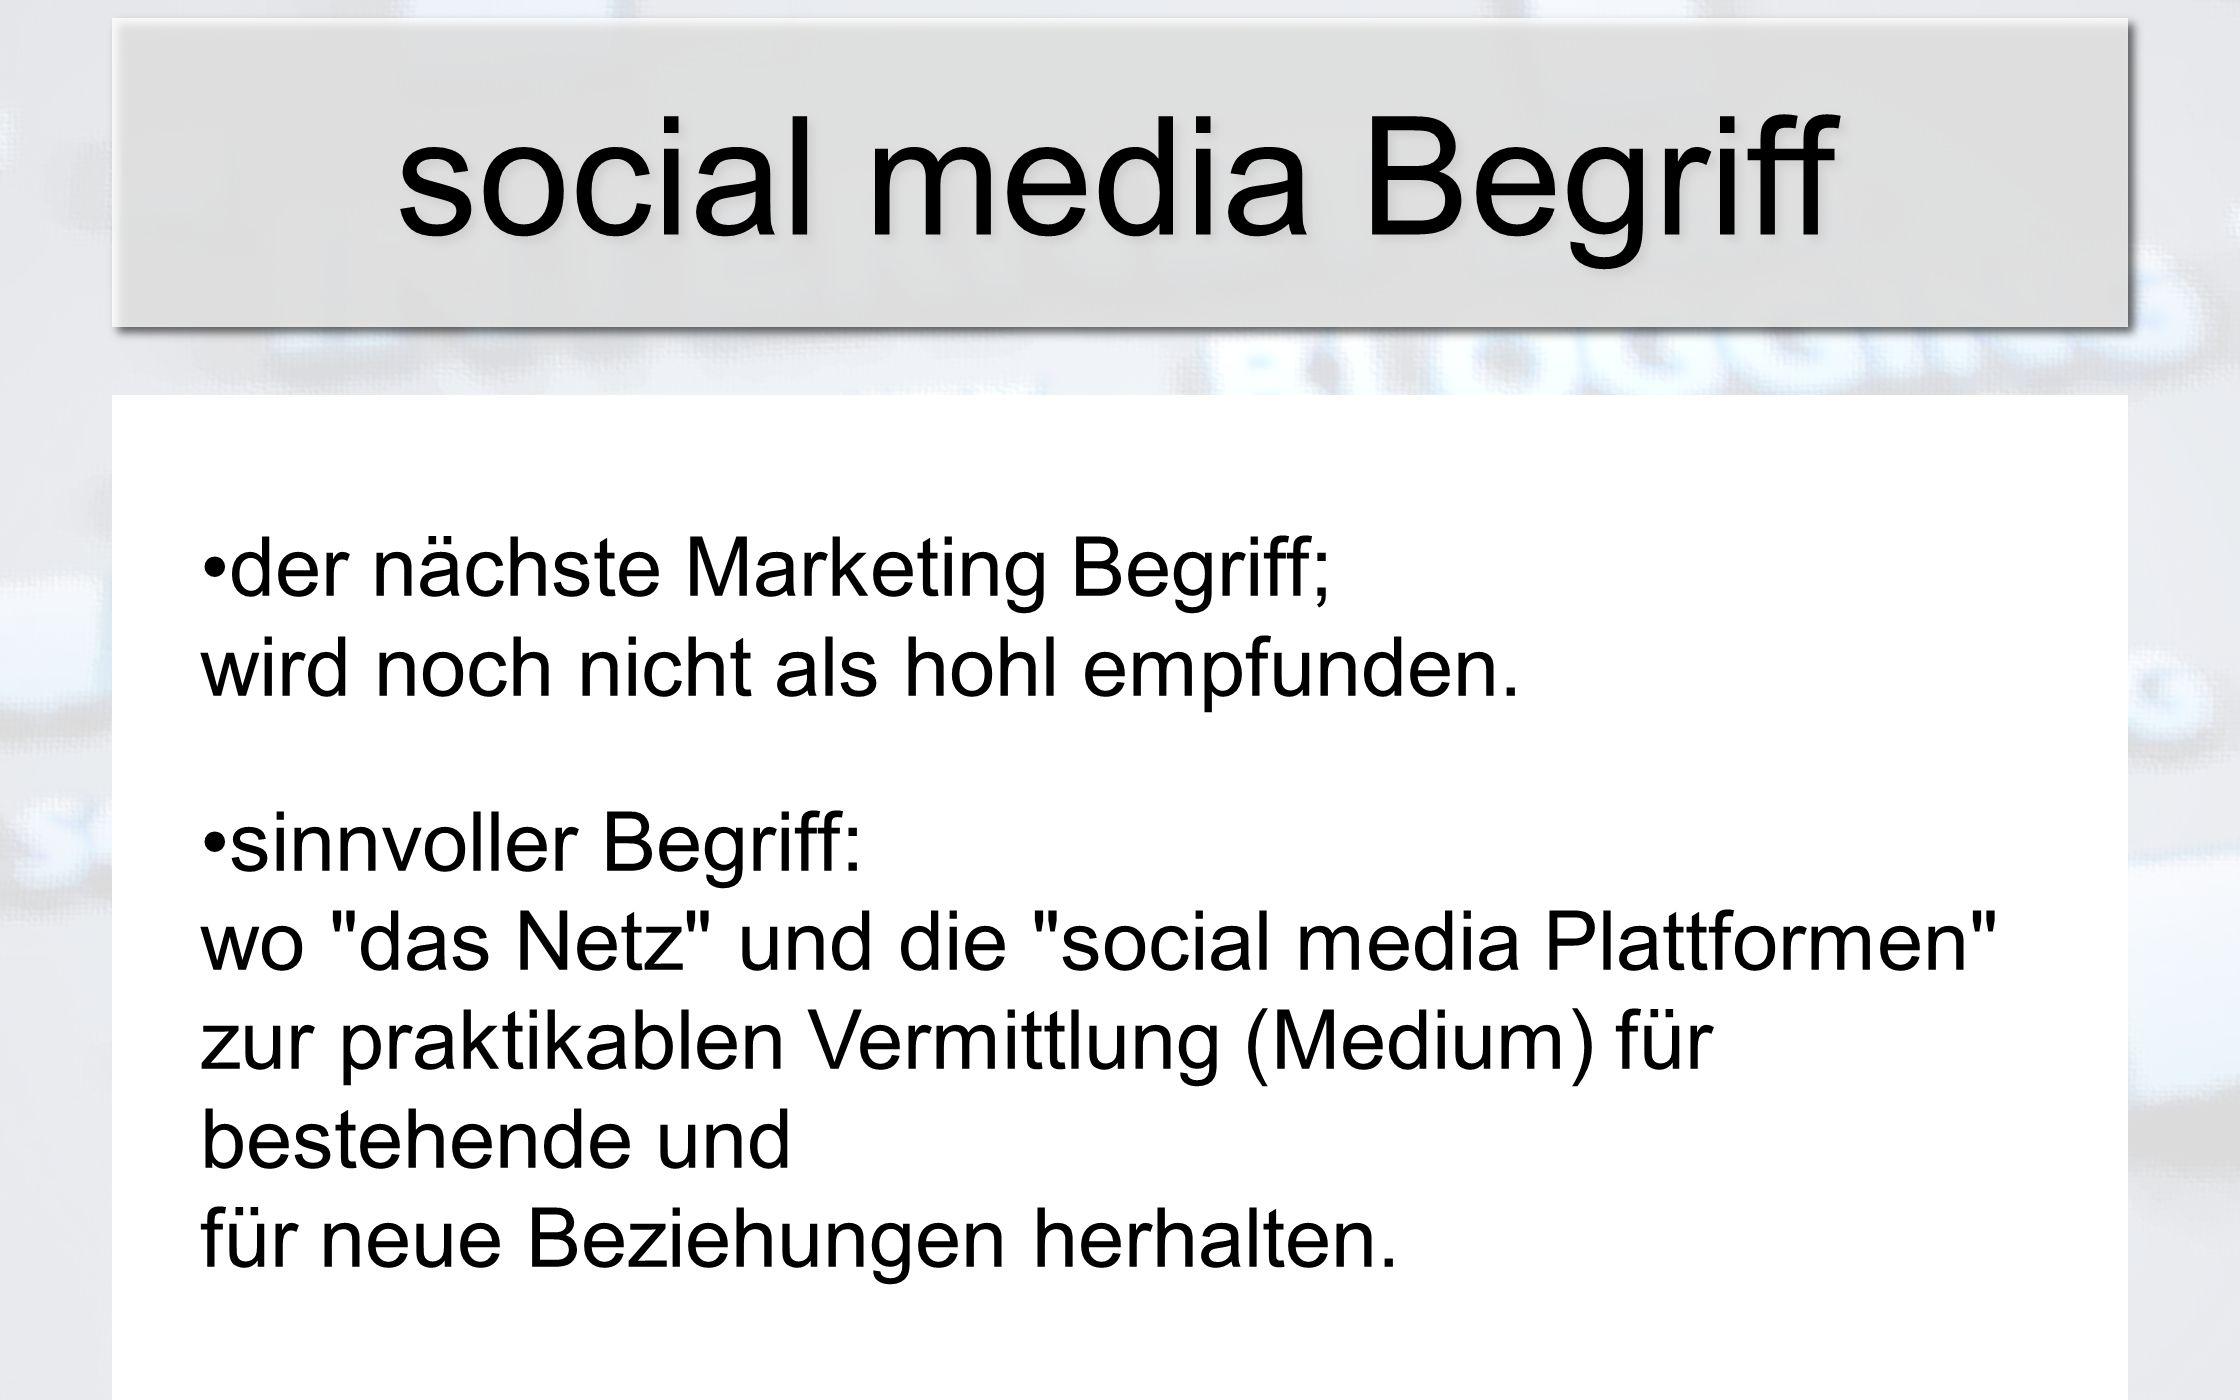 social media Begriff der nächste Marketing Begriff; wird noch nicht als hohl empfunden. sinnvoller Begriff: wo